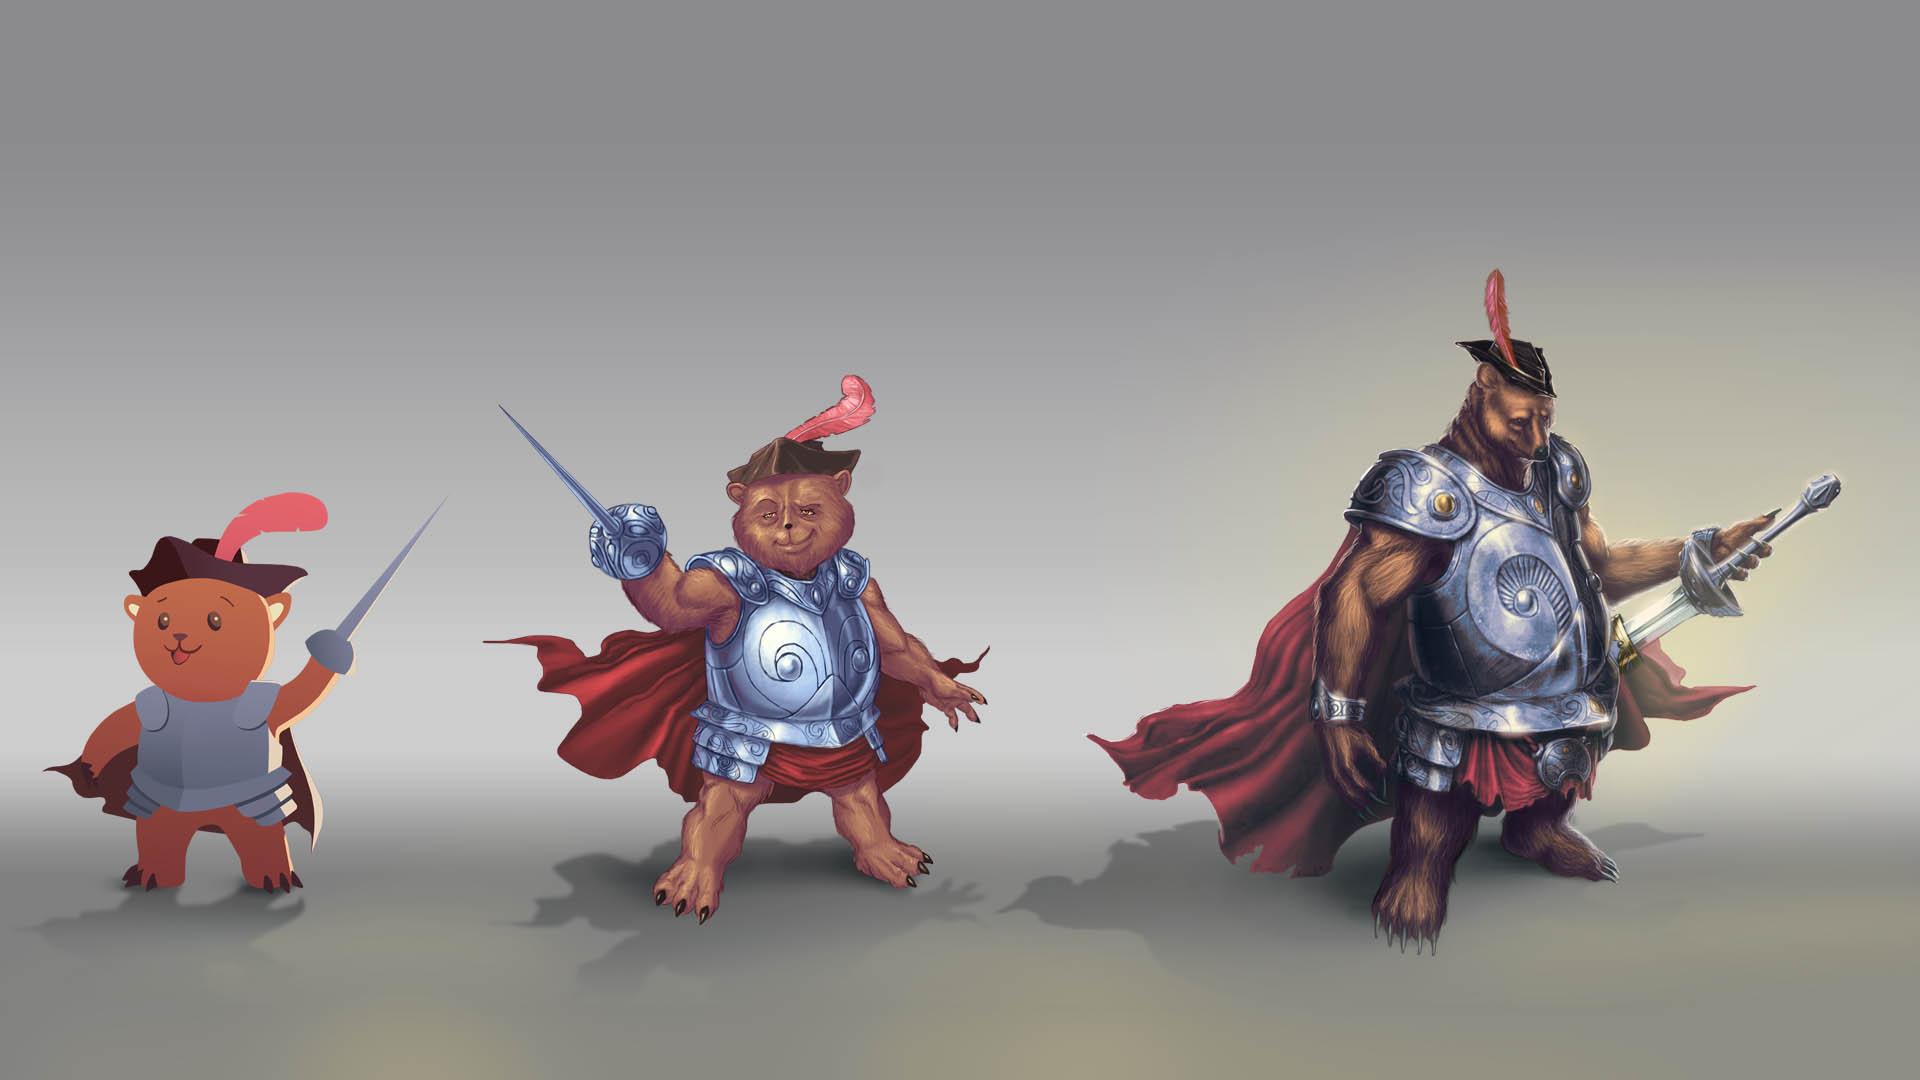 نمونههایی از طراحی كاراكترها و شخصیتهای تجاری و تبلیغاتی ساخته شده در كانون تبلیغاتی ویرا ورنا